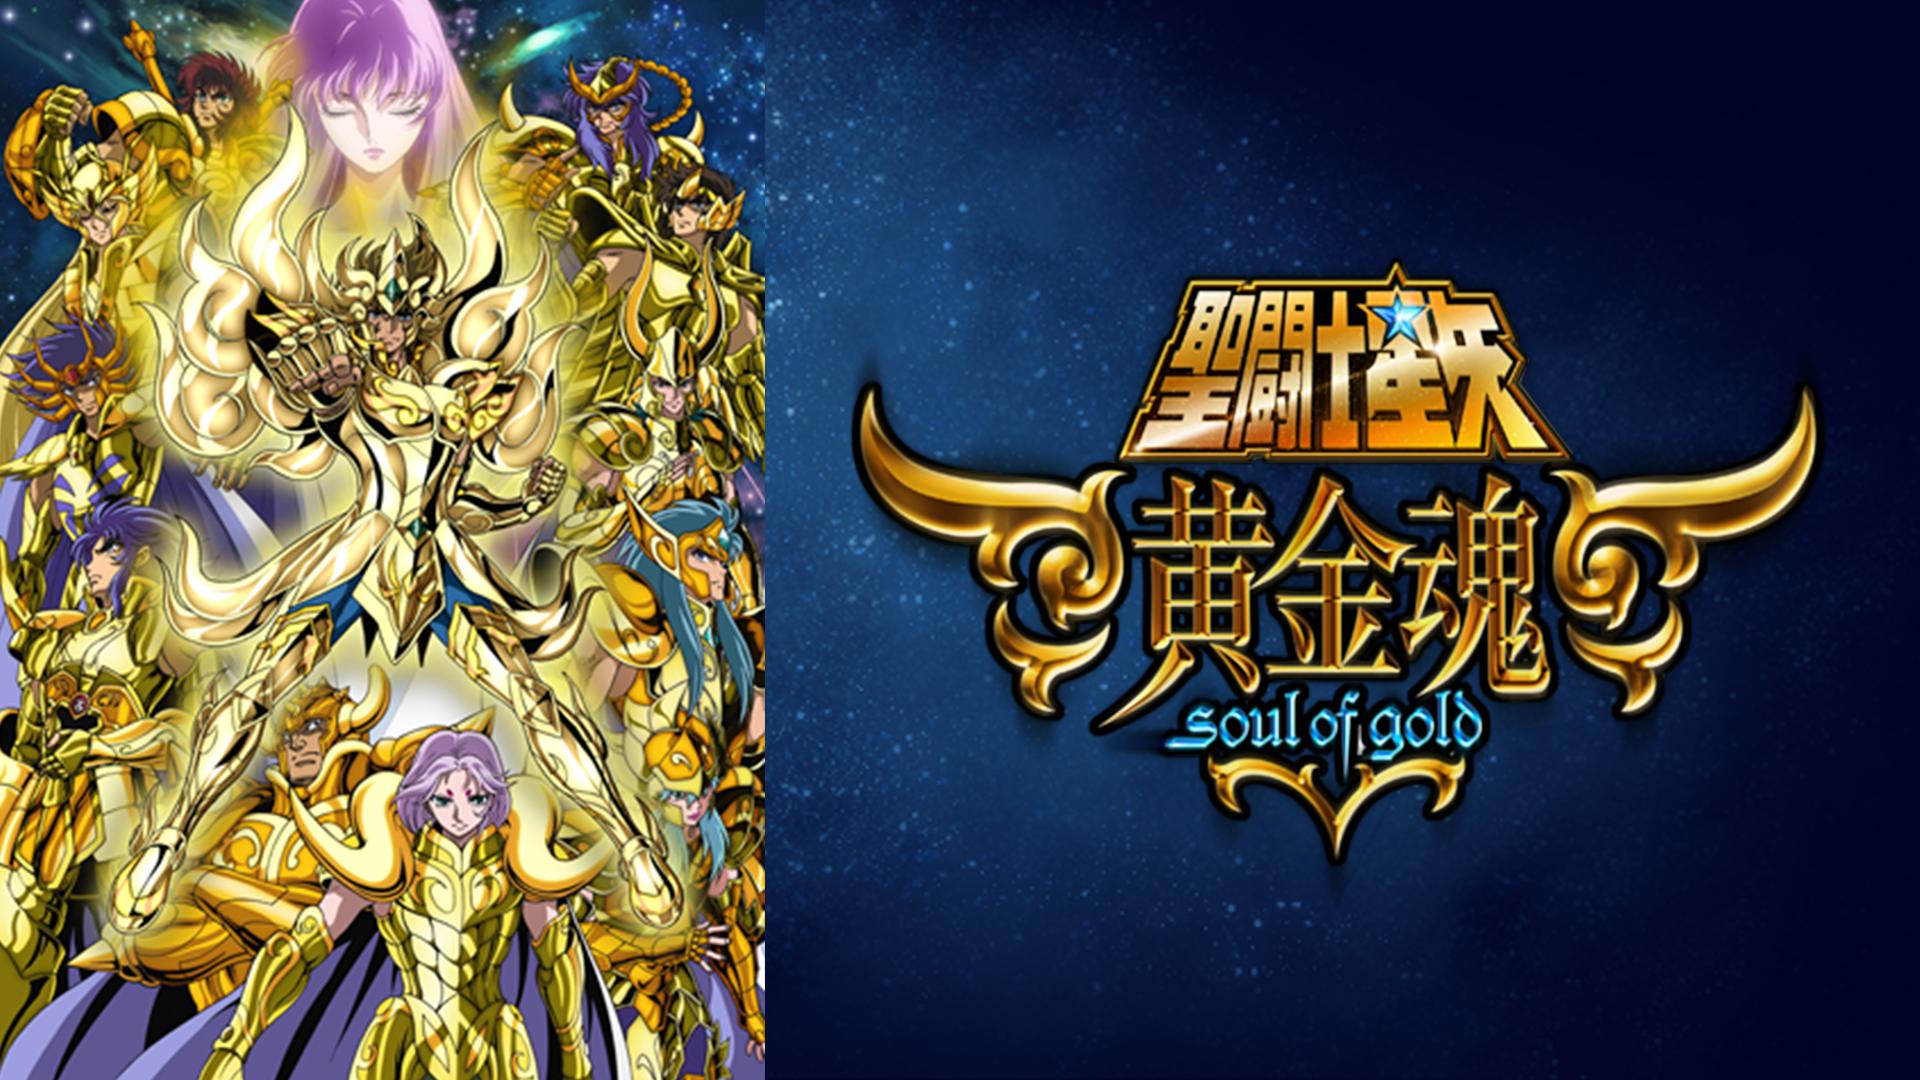 聖闘士星矢 黄金魂 -soul of gold- 第7話 激震!神聖衣vs神聖衣動画配信